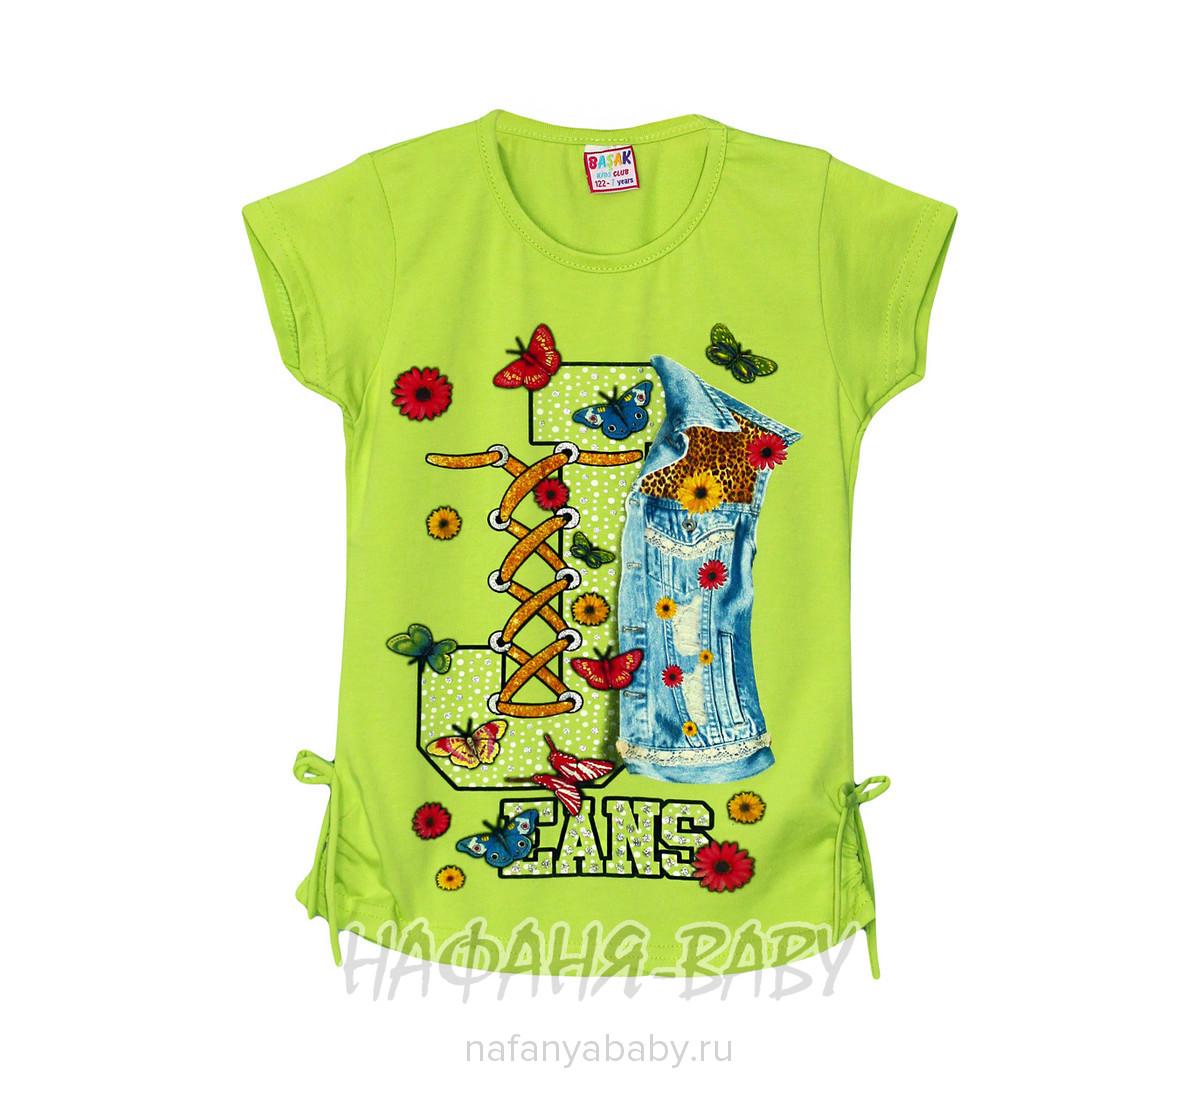 Детская футболка BASAK арт: 8226, 1-4 года, 5-9 лет, цвет белый, оптом Турция